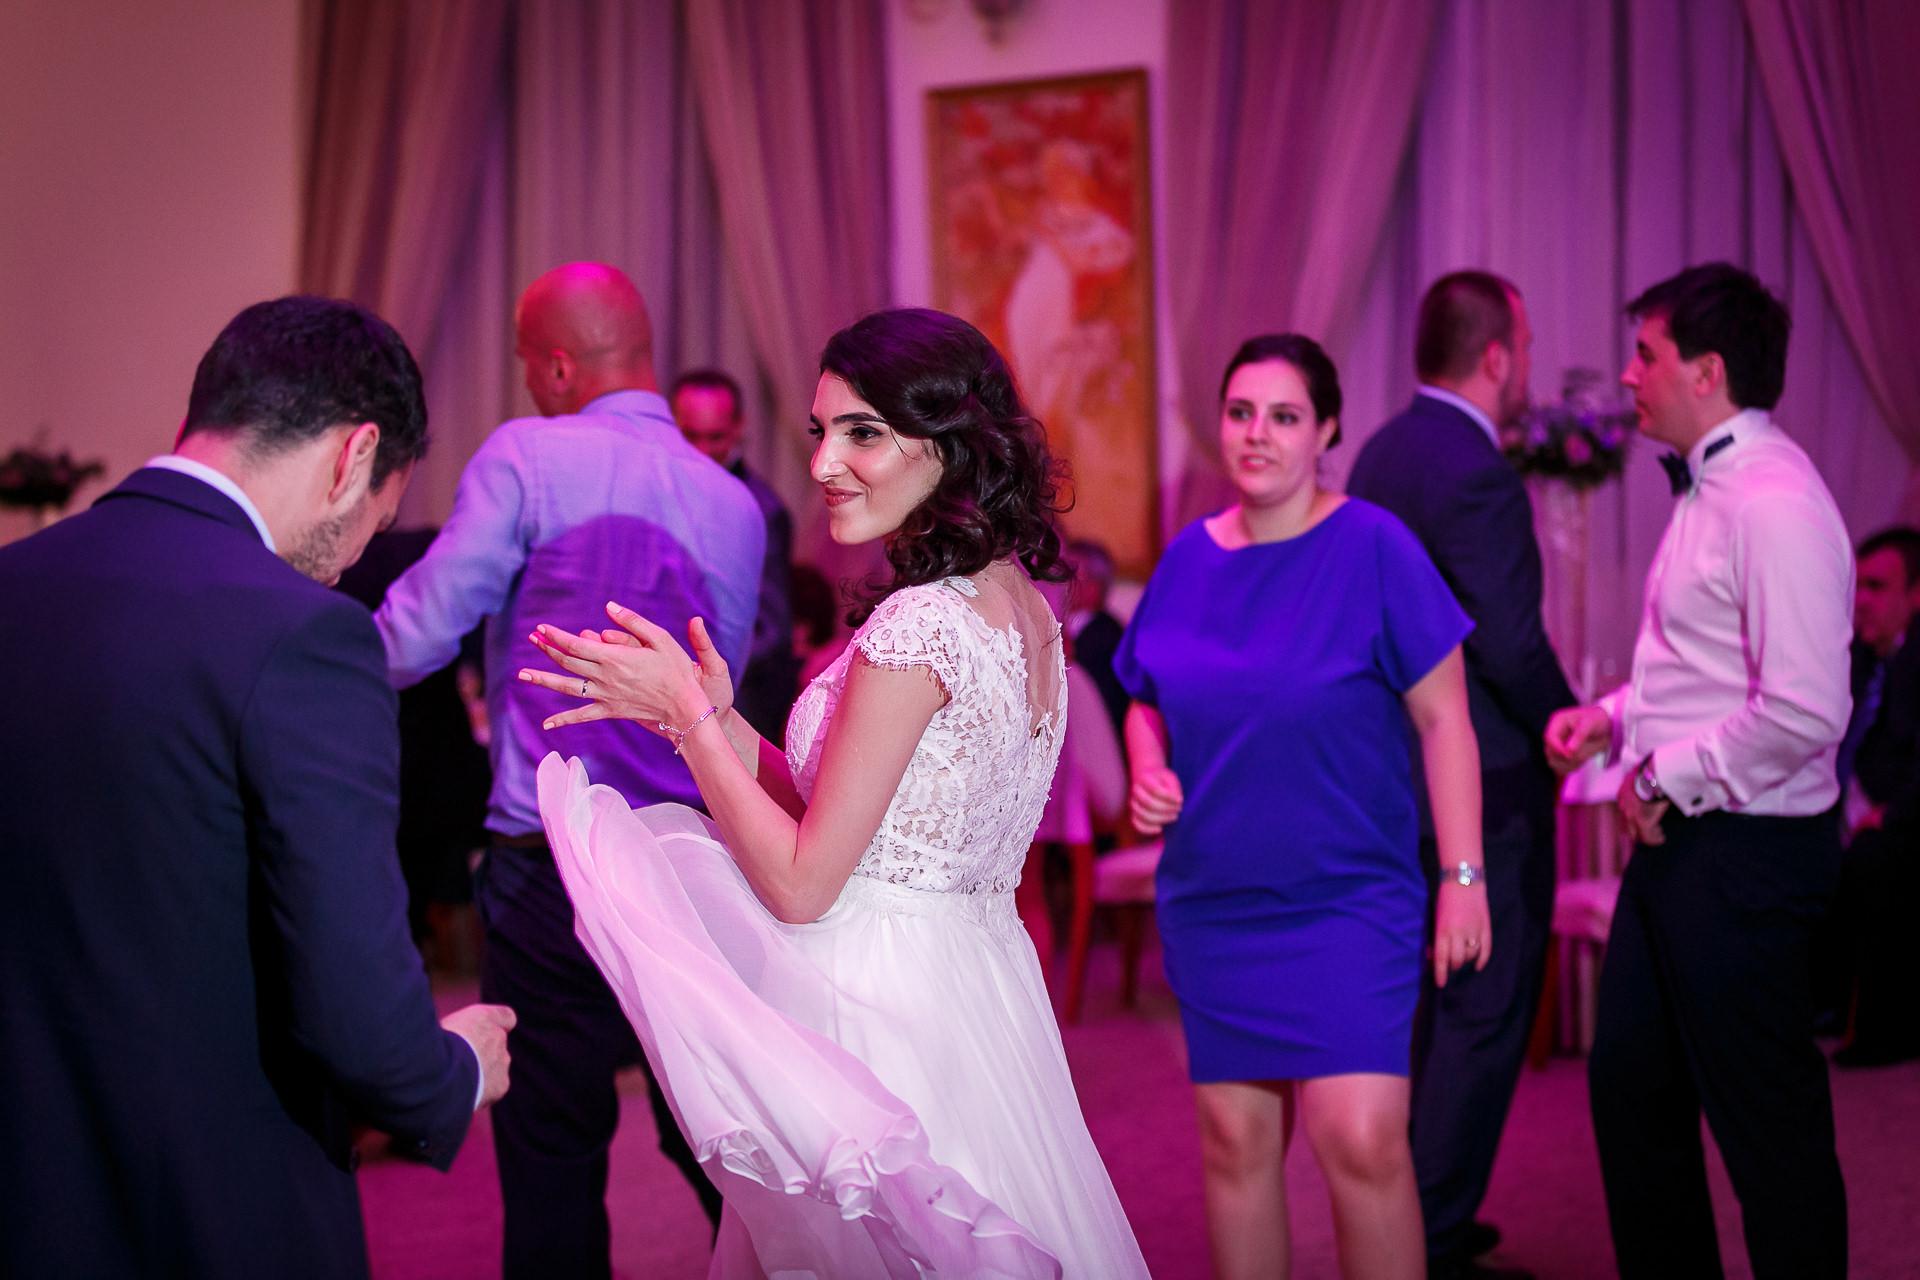 nuntă Salon Elisabeta - Elena şi Costin - Mihai Zaharia Photography - 066